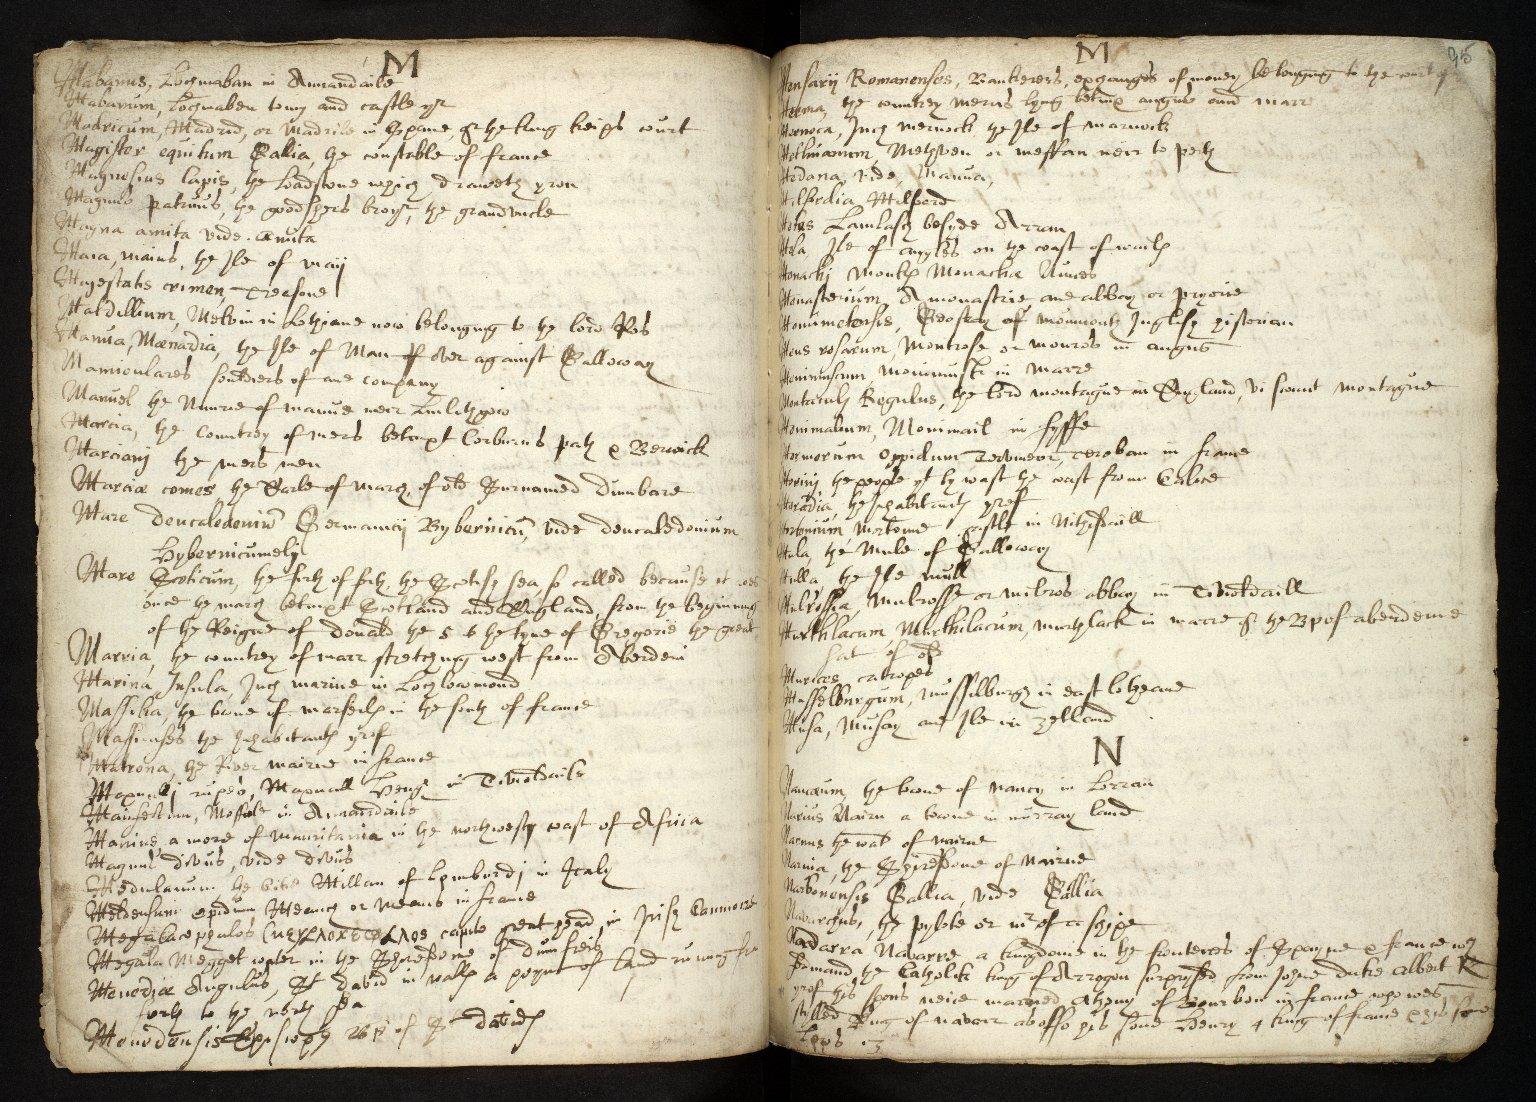 Nomenclator Geographicus ad historiam Buchanan cum interpretatione aliarum etiam vocum difficiliorum [11 of 16]